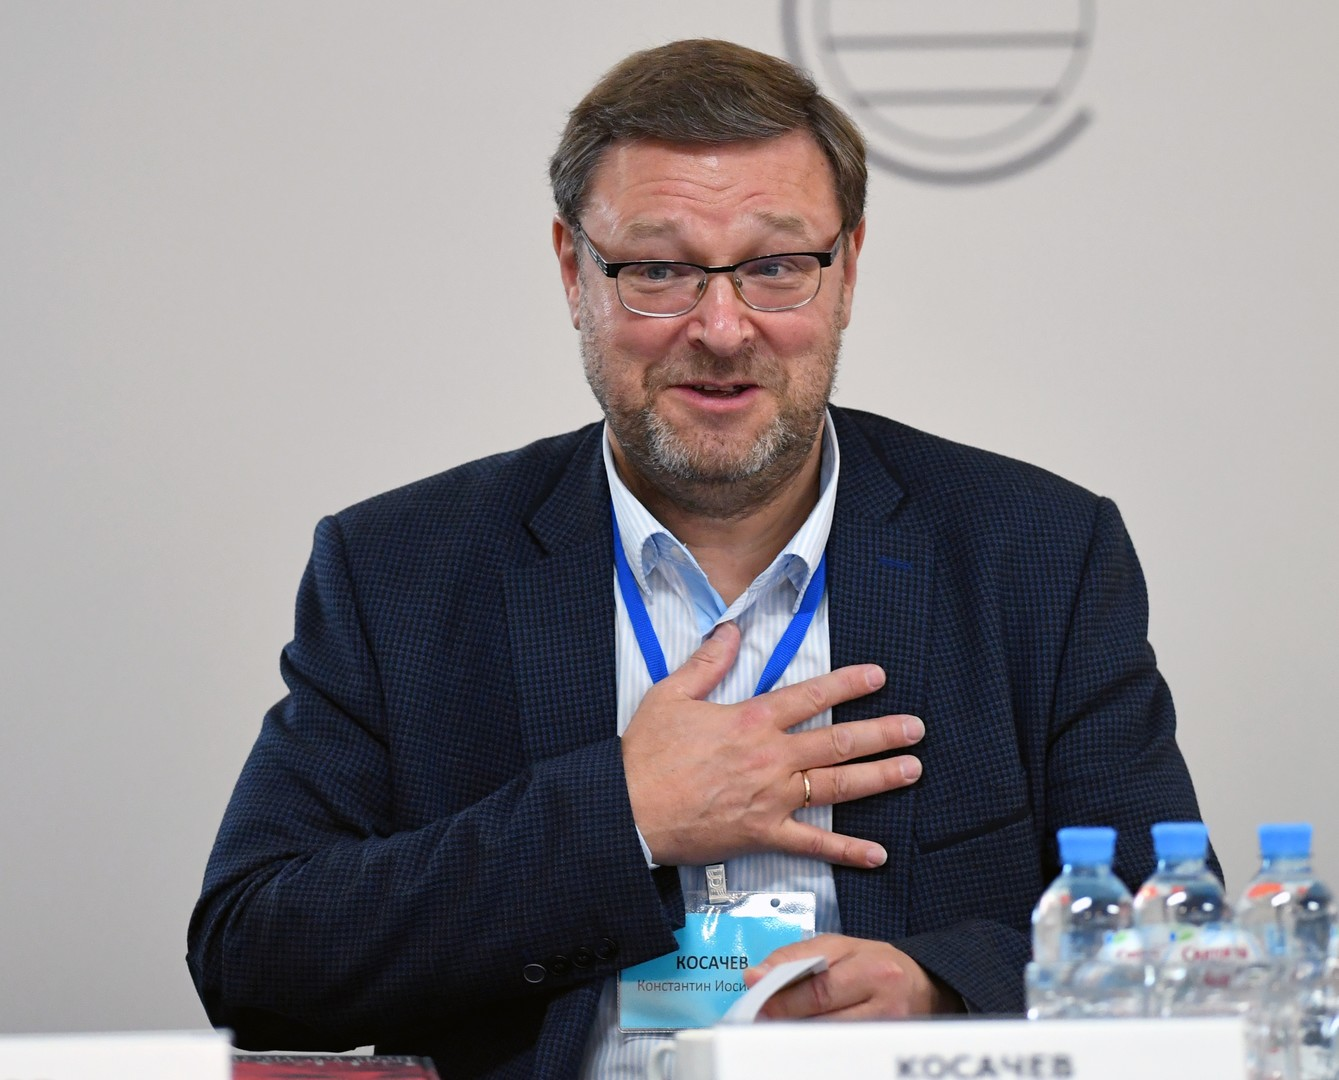 رئيس لجنة العلاقات الدولية بمجلس الاتحاد الروسي قسطنطين كوساتشوف